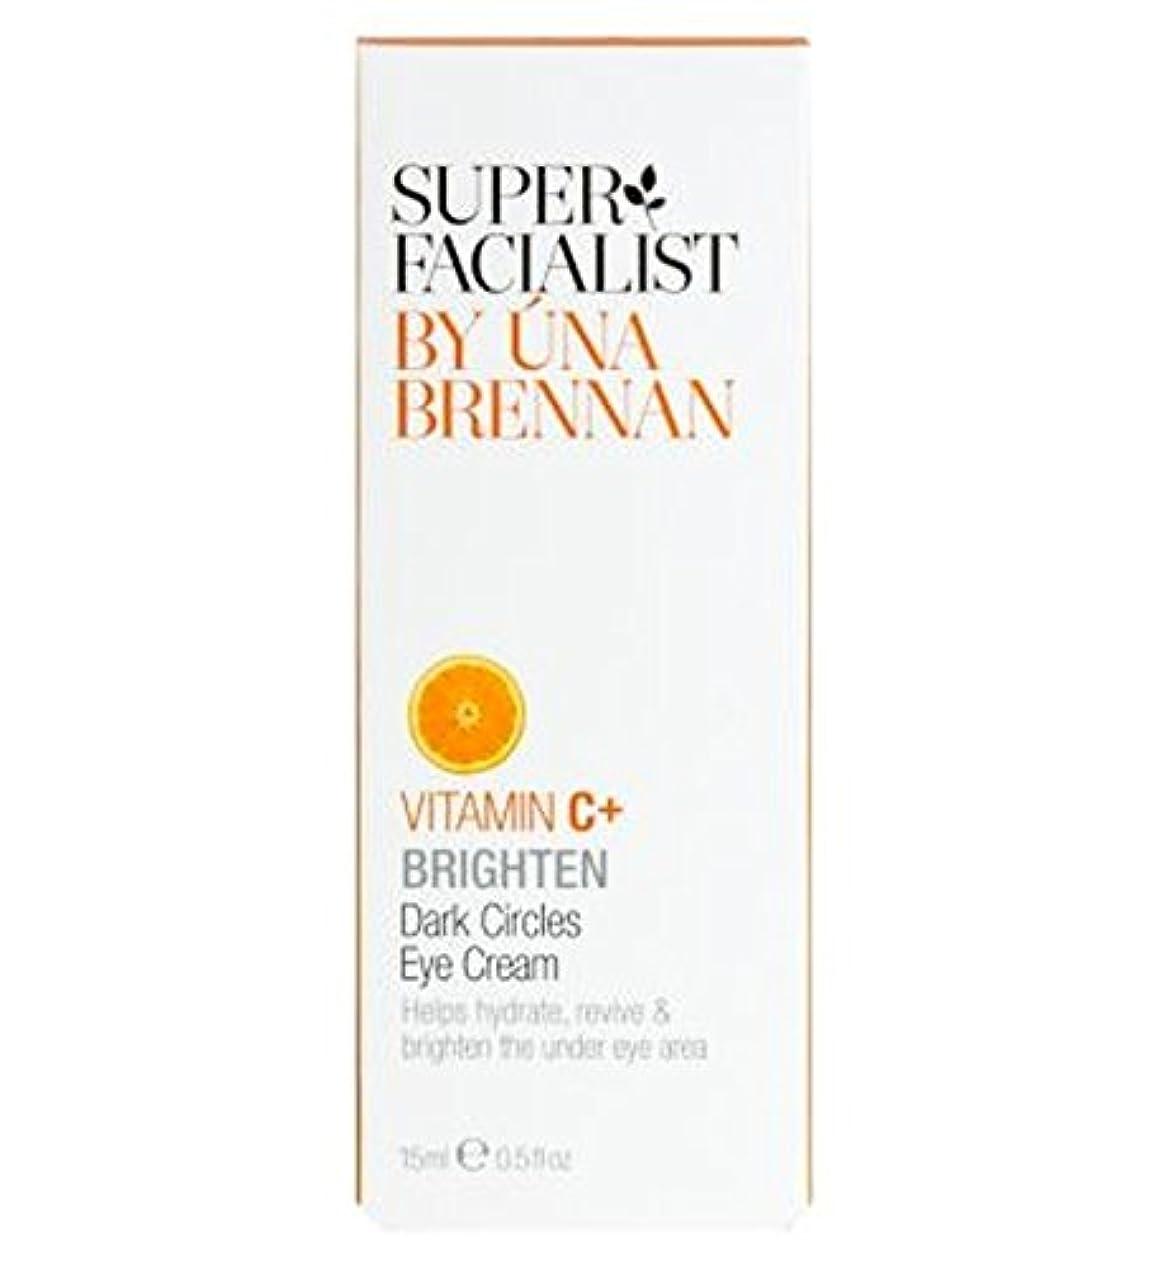 牛肉安全性期限切れSuperfacialist Vitamin C+ Dark Circles Eye Cream 15ml - SuperfacialistビタミンC +くまアイクリーム15ミリリットル (Superfacialist)...